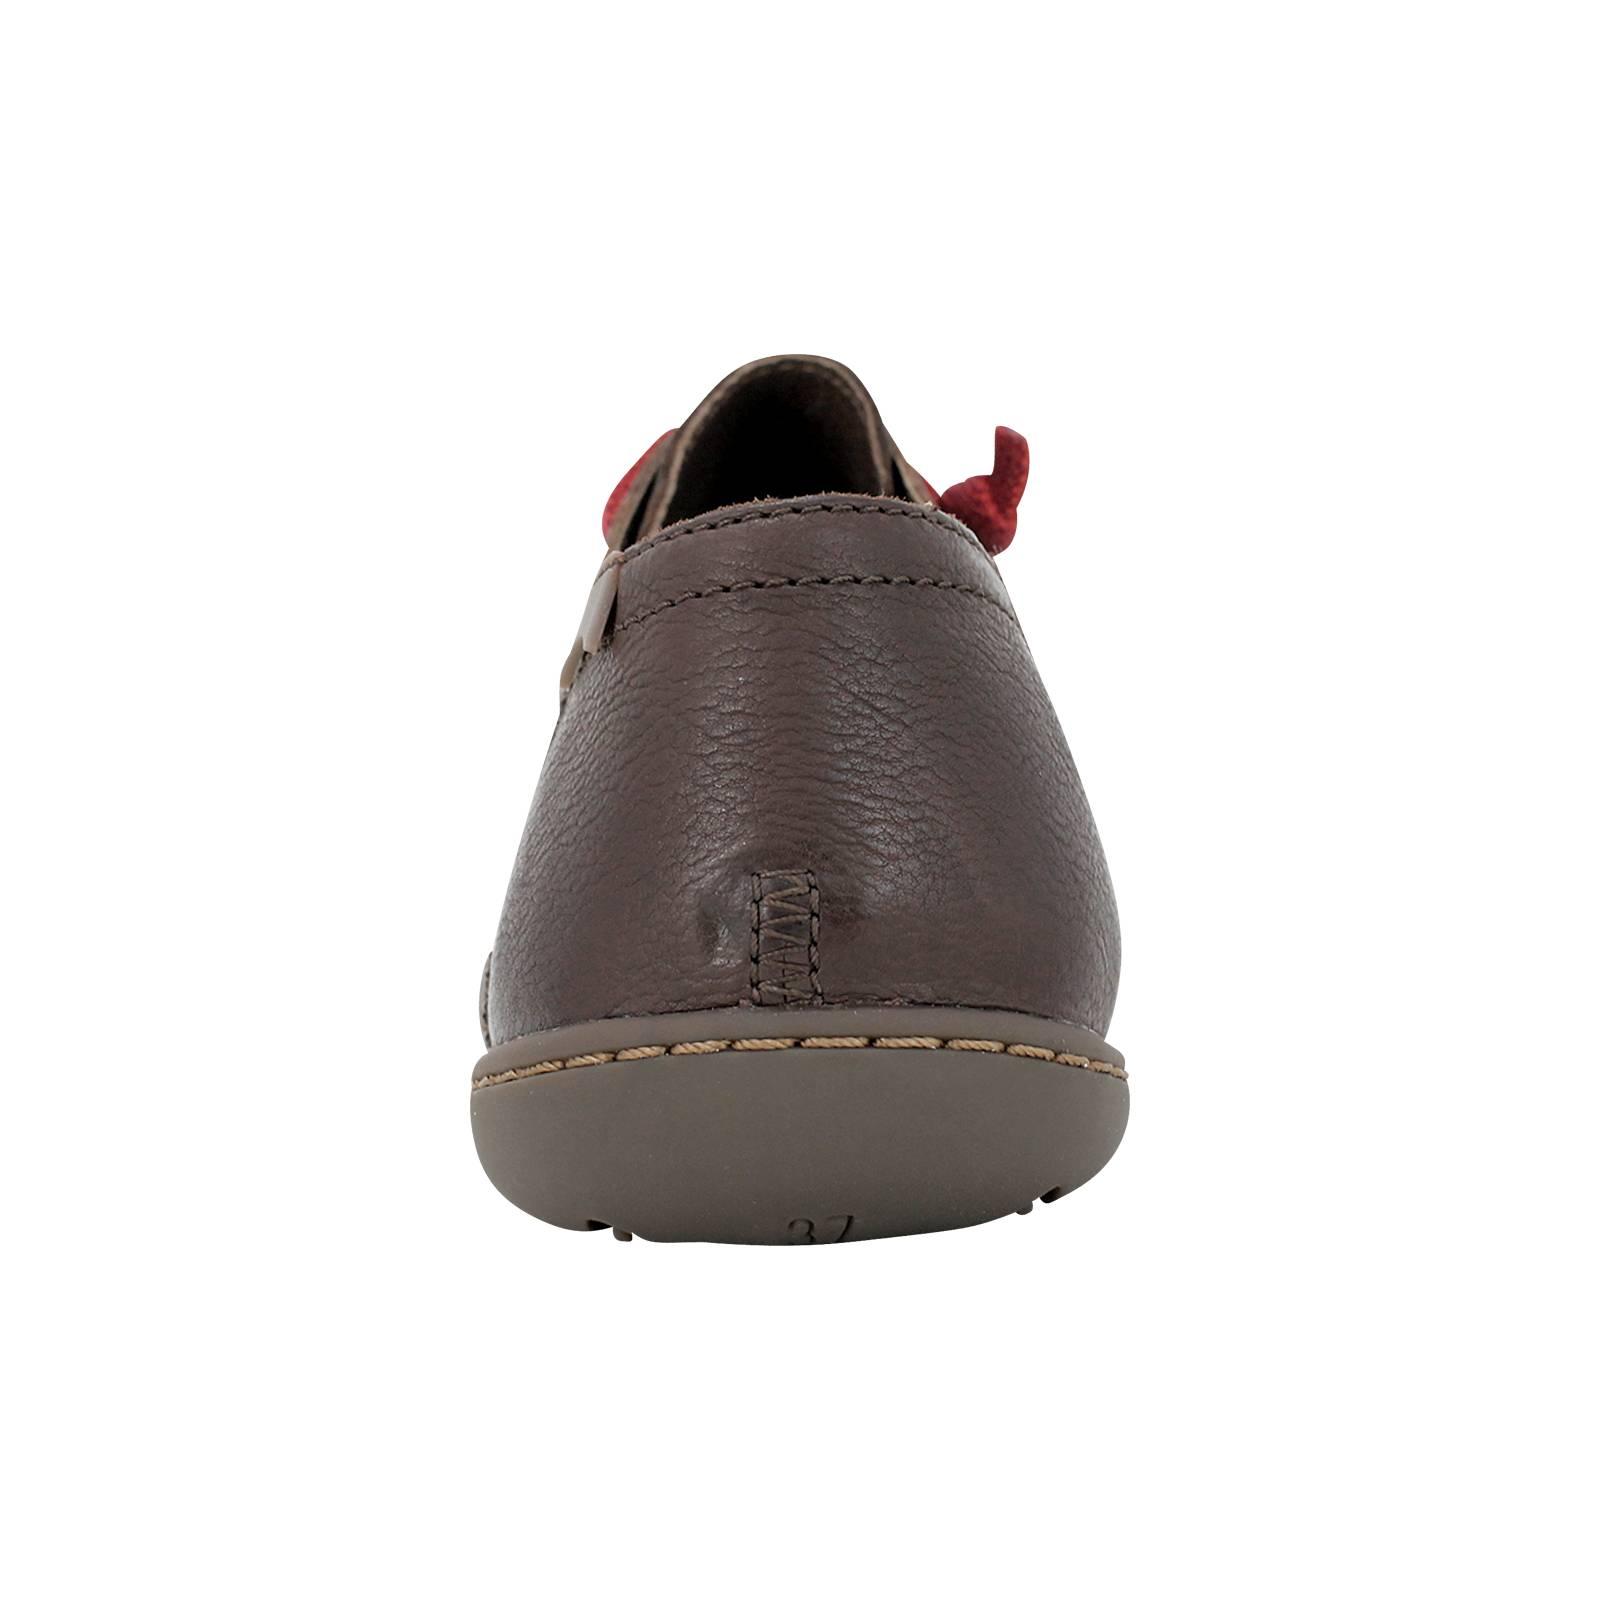 483f37b489 Peu Cami 20848 - Γυναικεία παπούτσια casual Camper από δέρμα ...